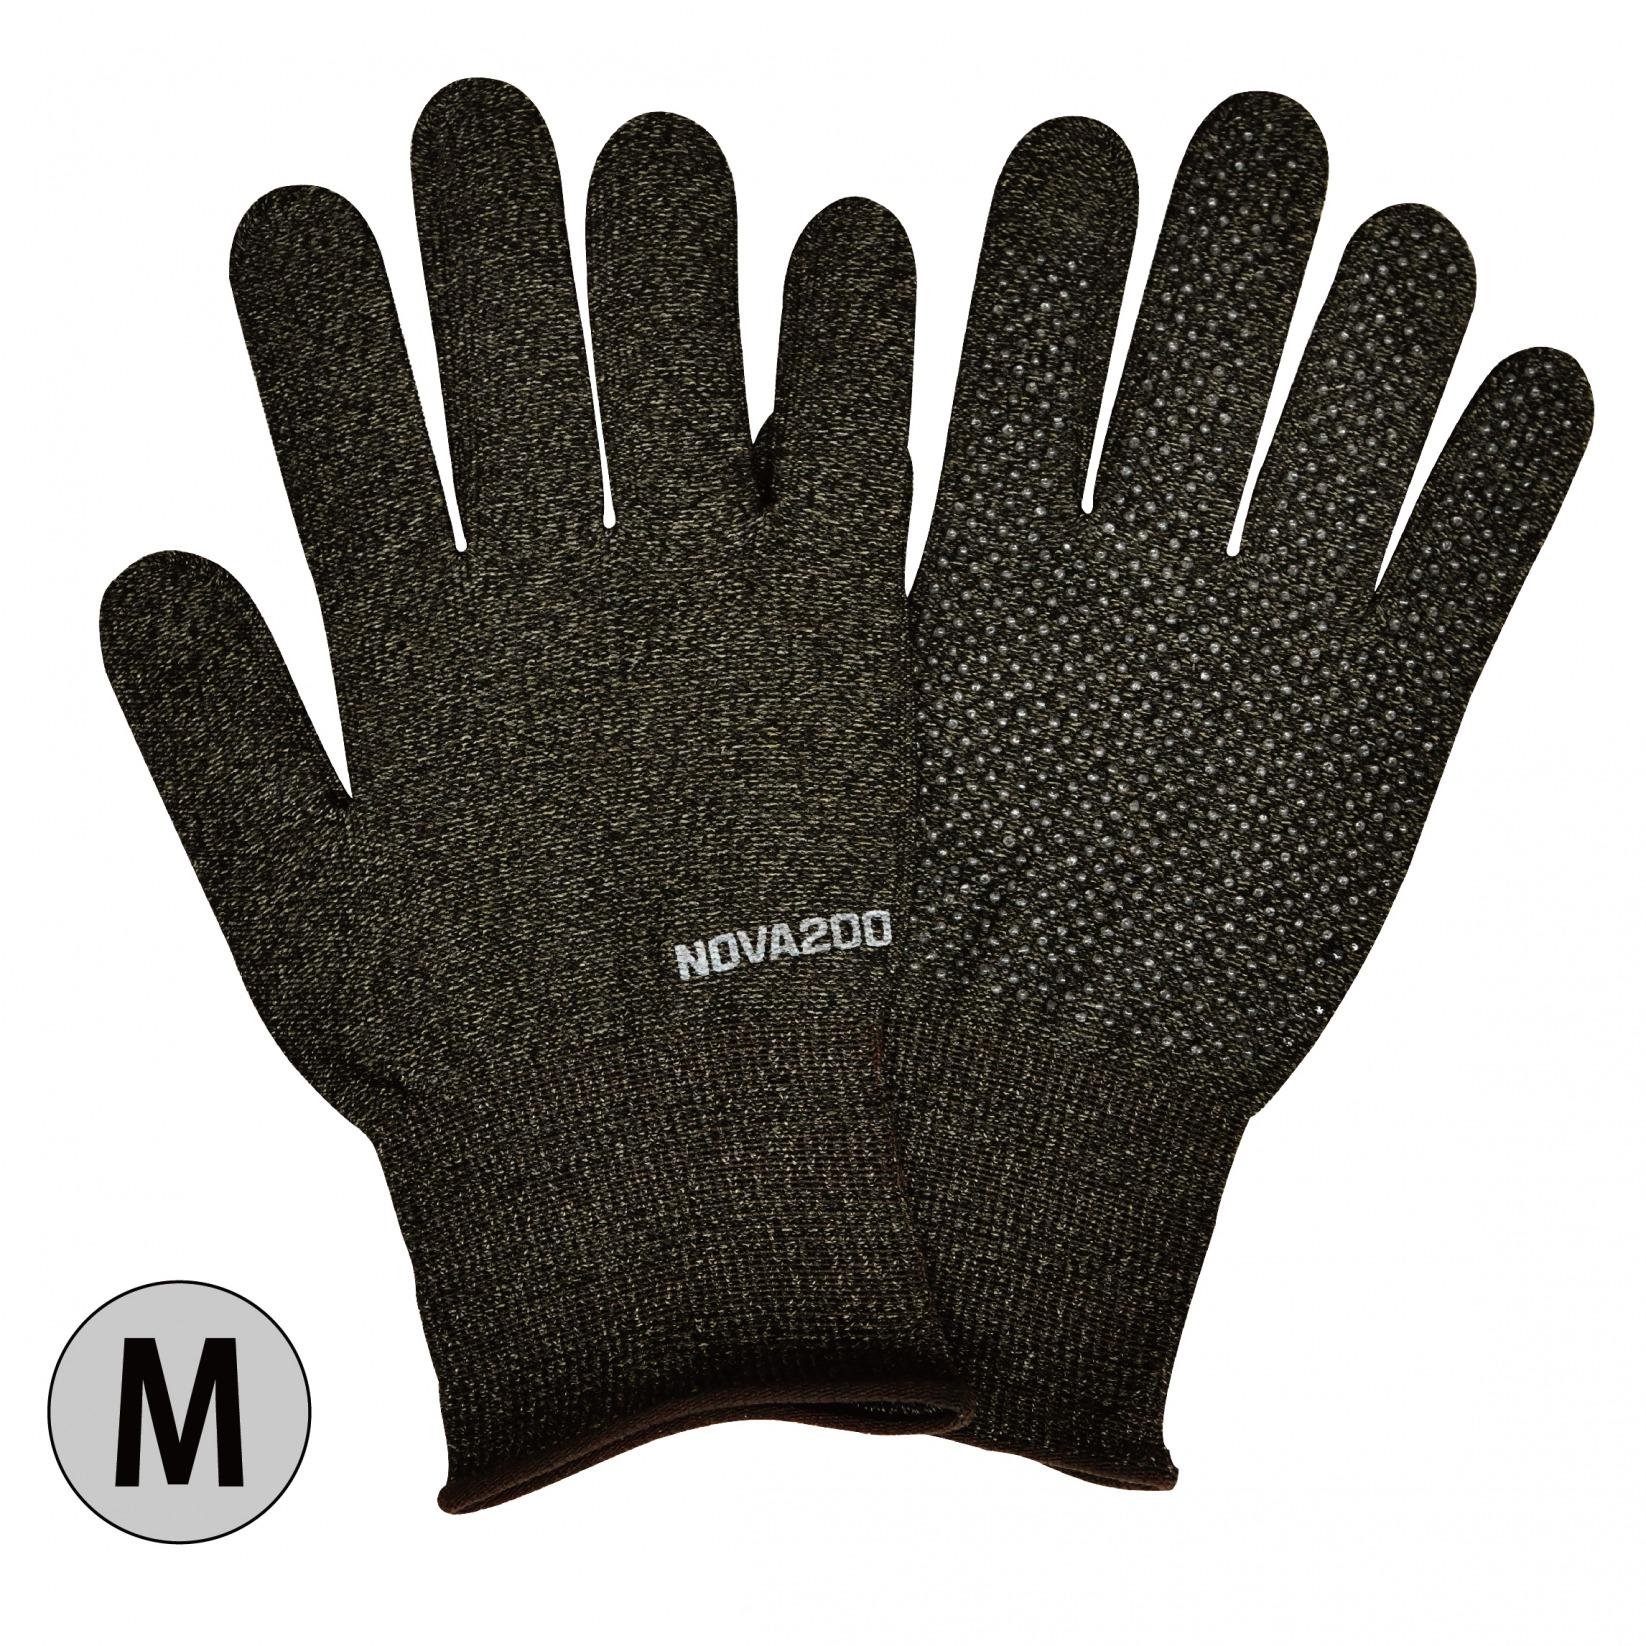 銅イオン手袋「抗菌効果」NOVA200 _ブラックミックス